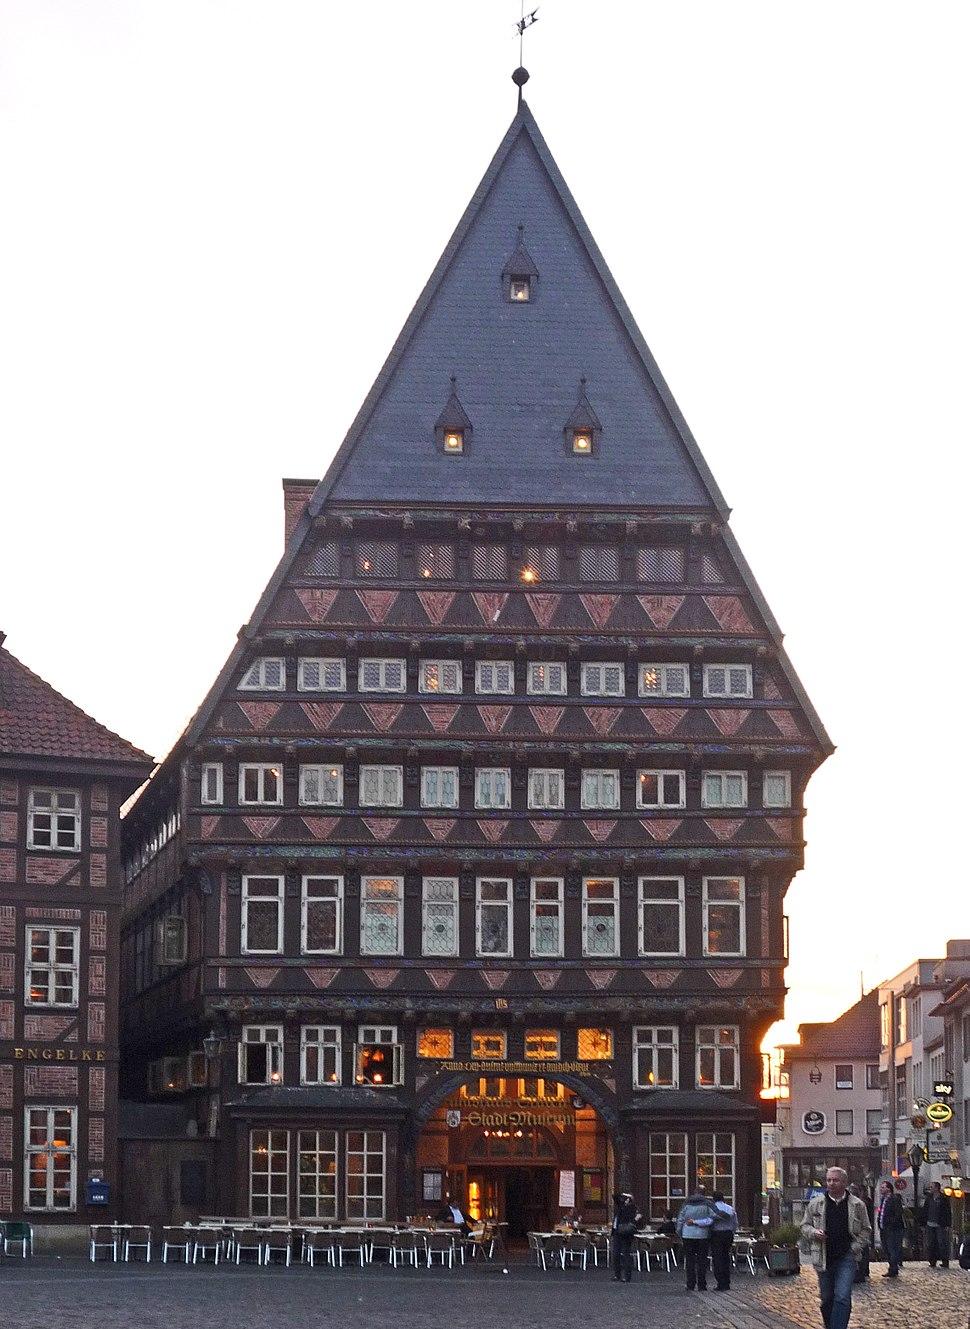 Knochenhaueramtshaus Hildesheim 719-vfL-50